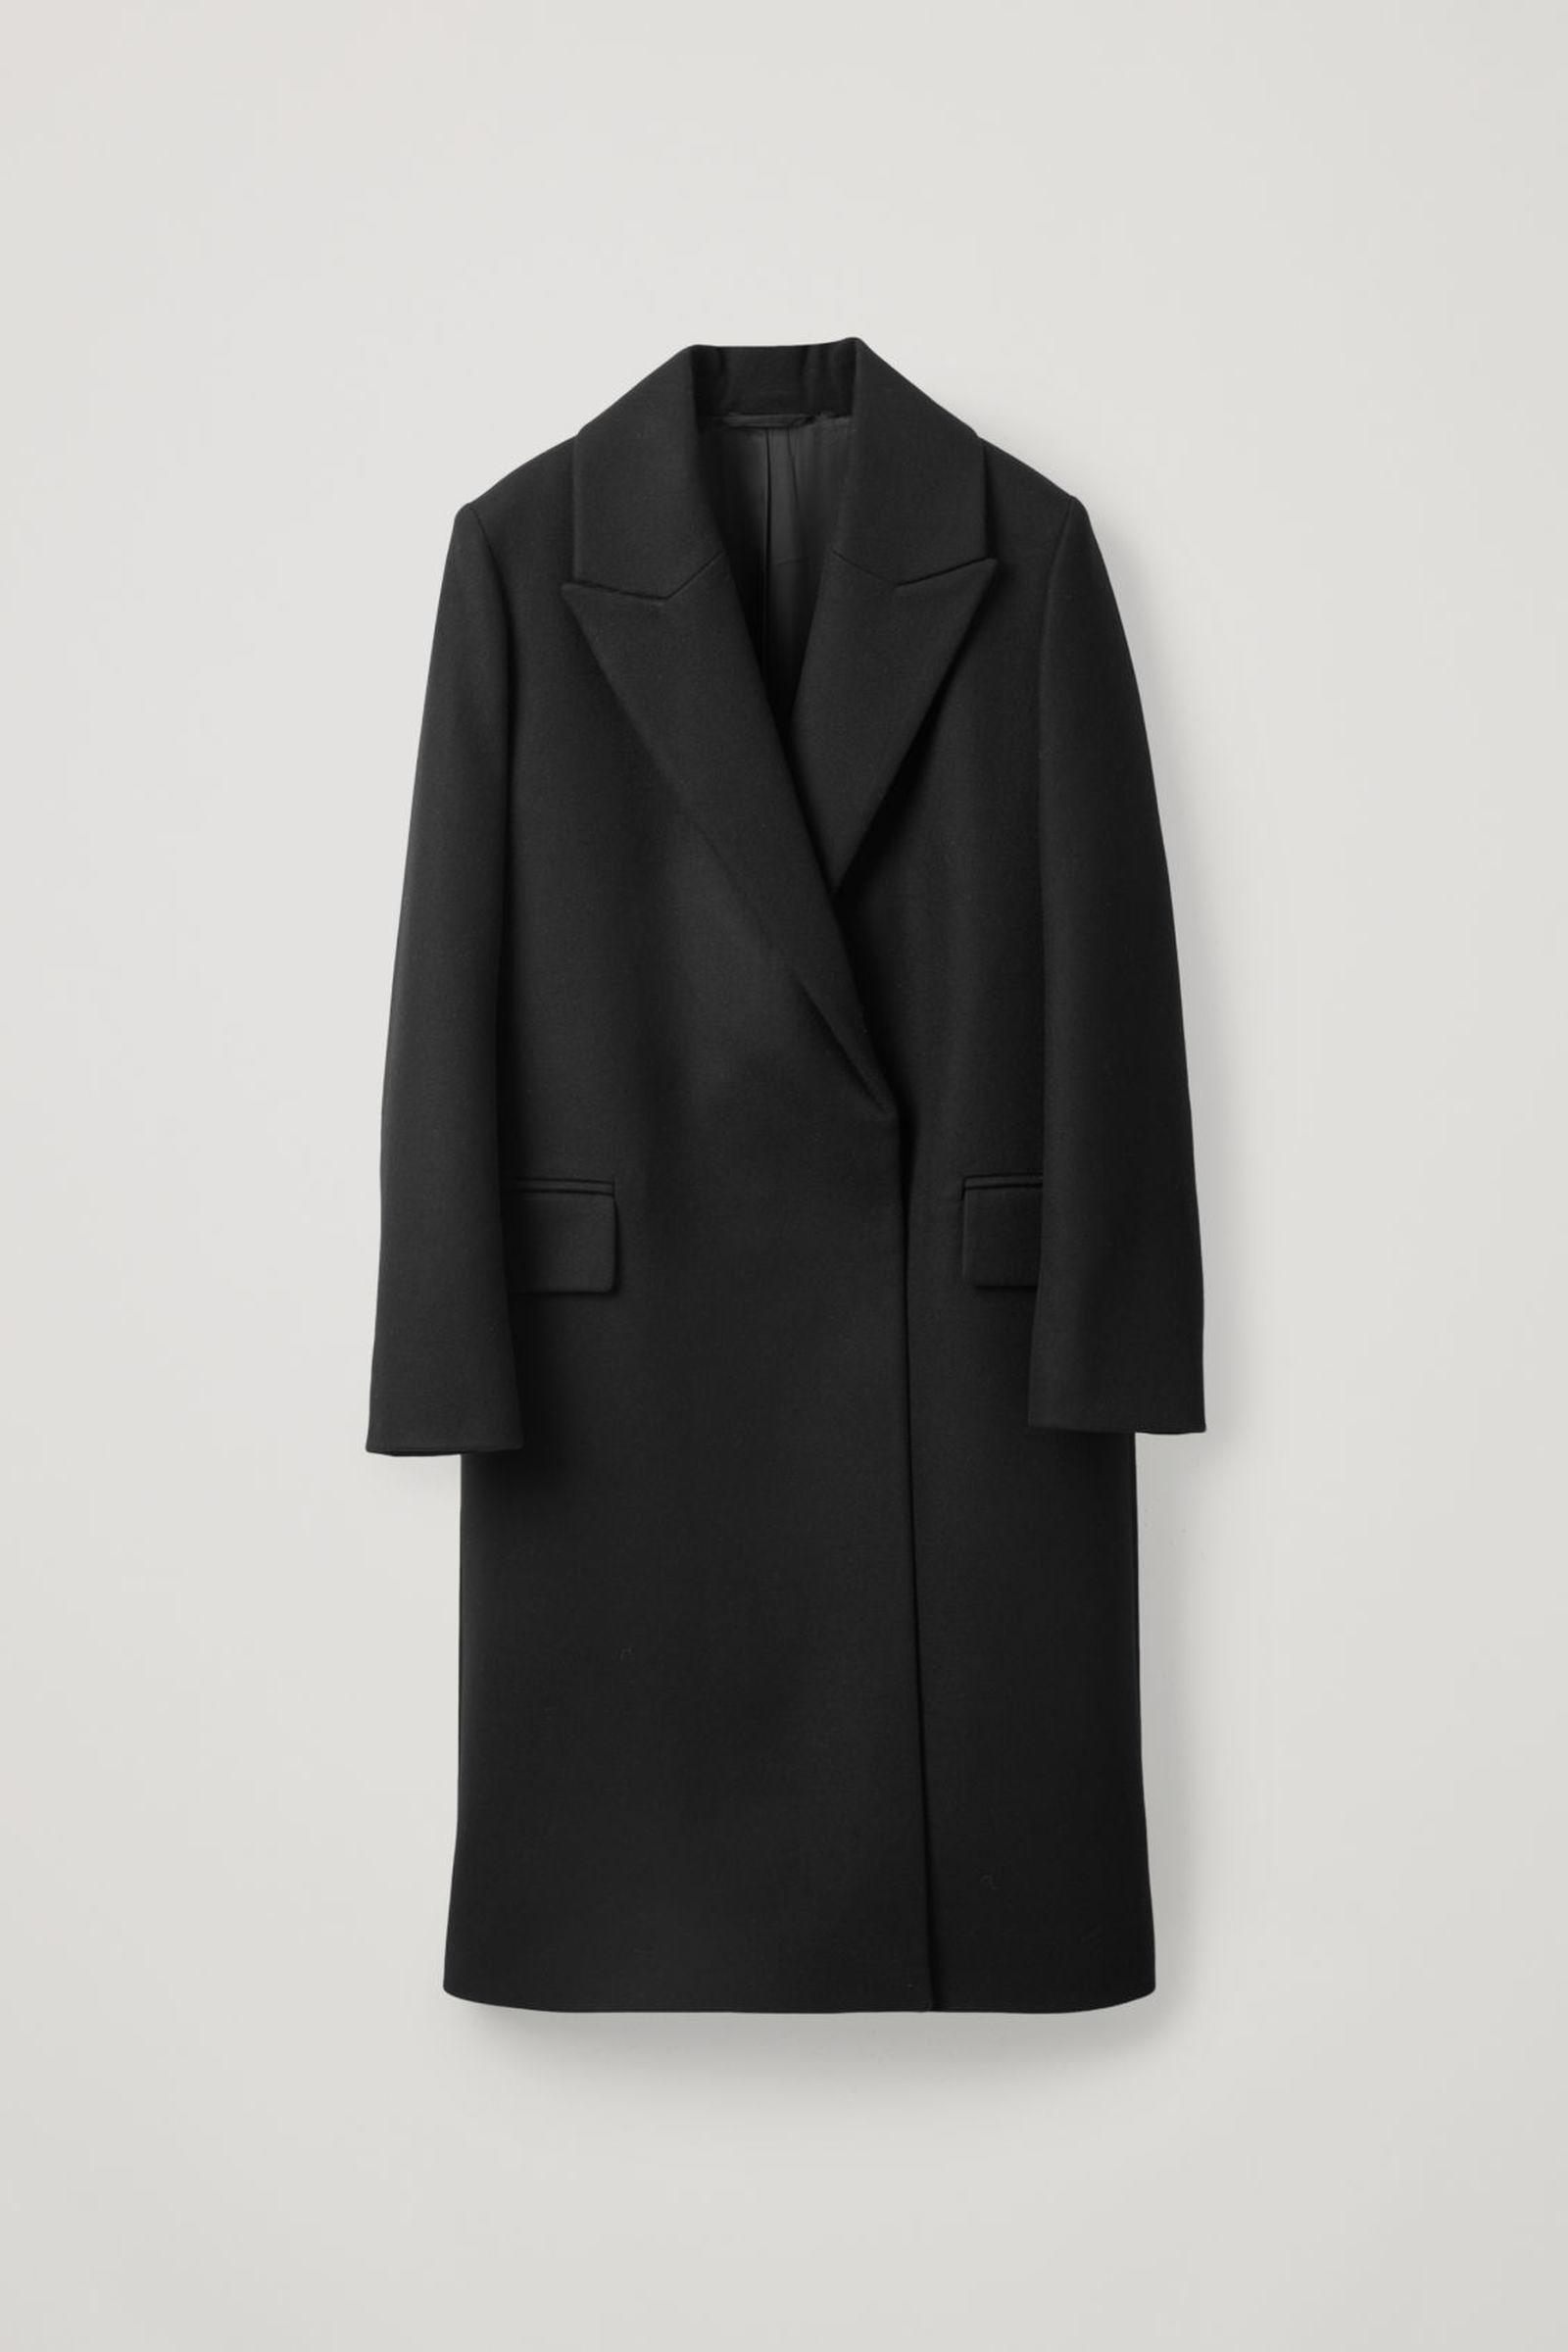 COS 클래식 롱 울 코트의 블랙컬러 상품컷입니다.